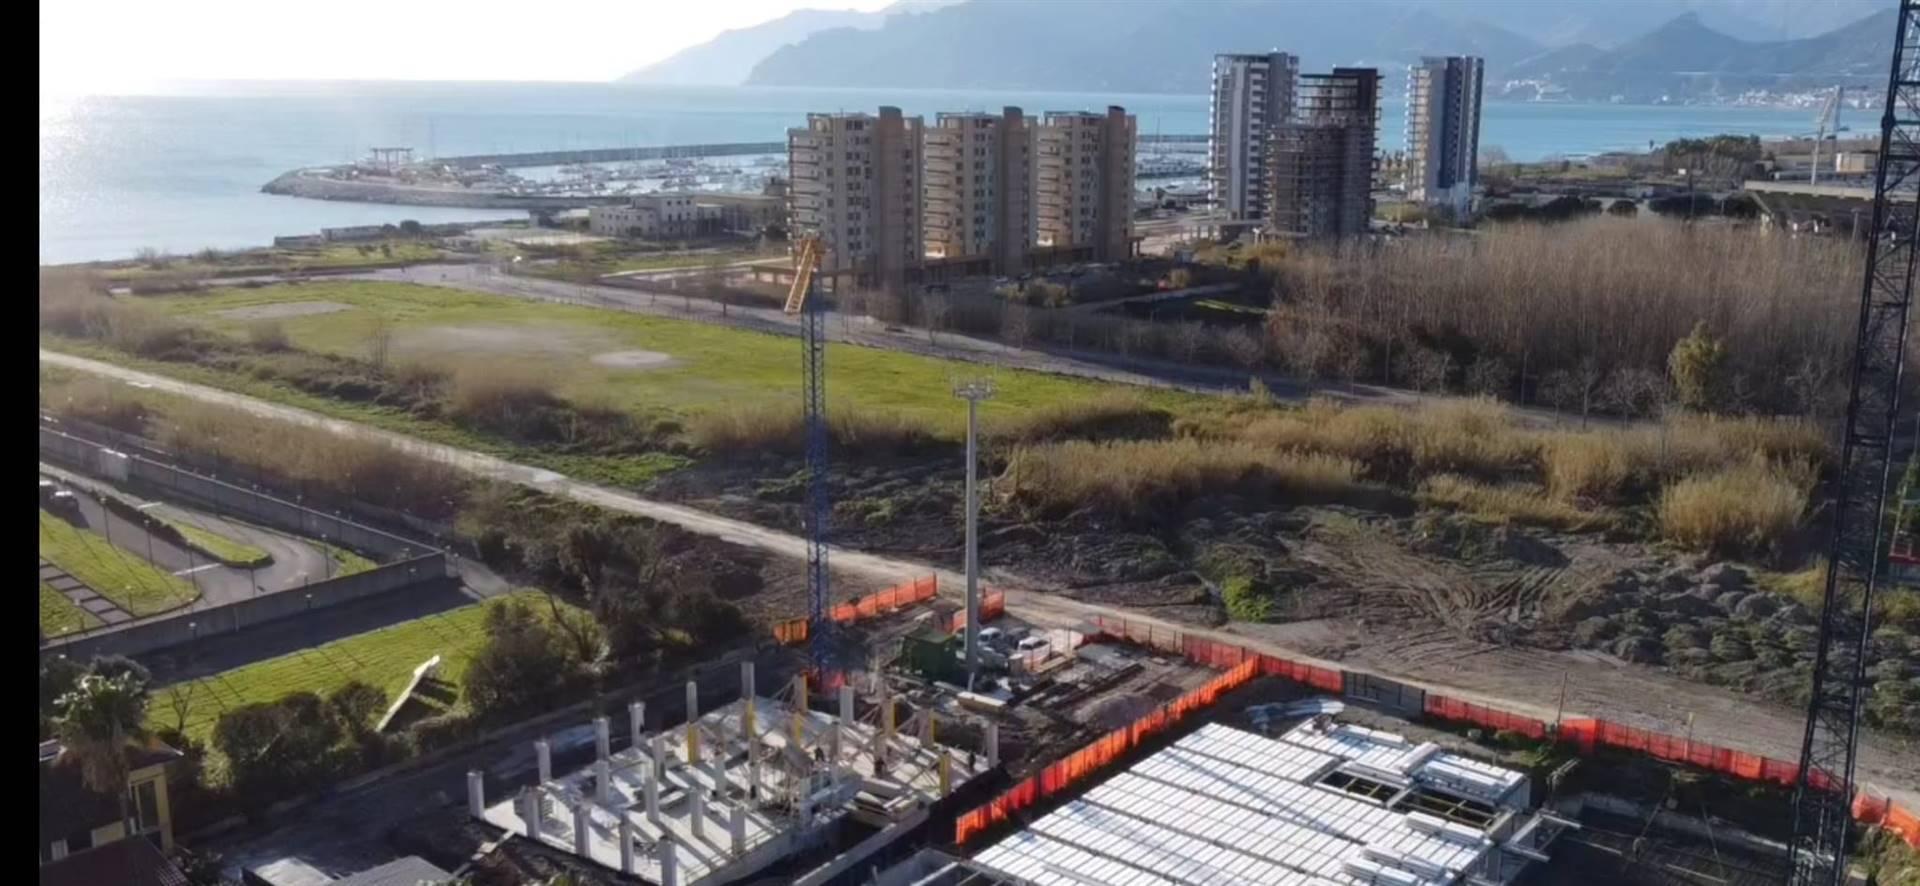 Appartamento in vendita a Salerno, 3 locali, zona Località: SAN LEONARDO / ARECHI / MIGLIARO, prezzo € 310.000 | PortaleAgenzieImmobiliari.it